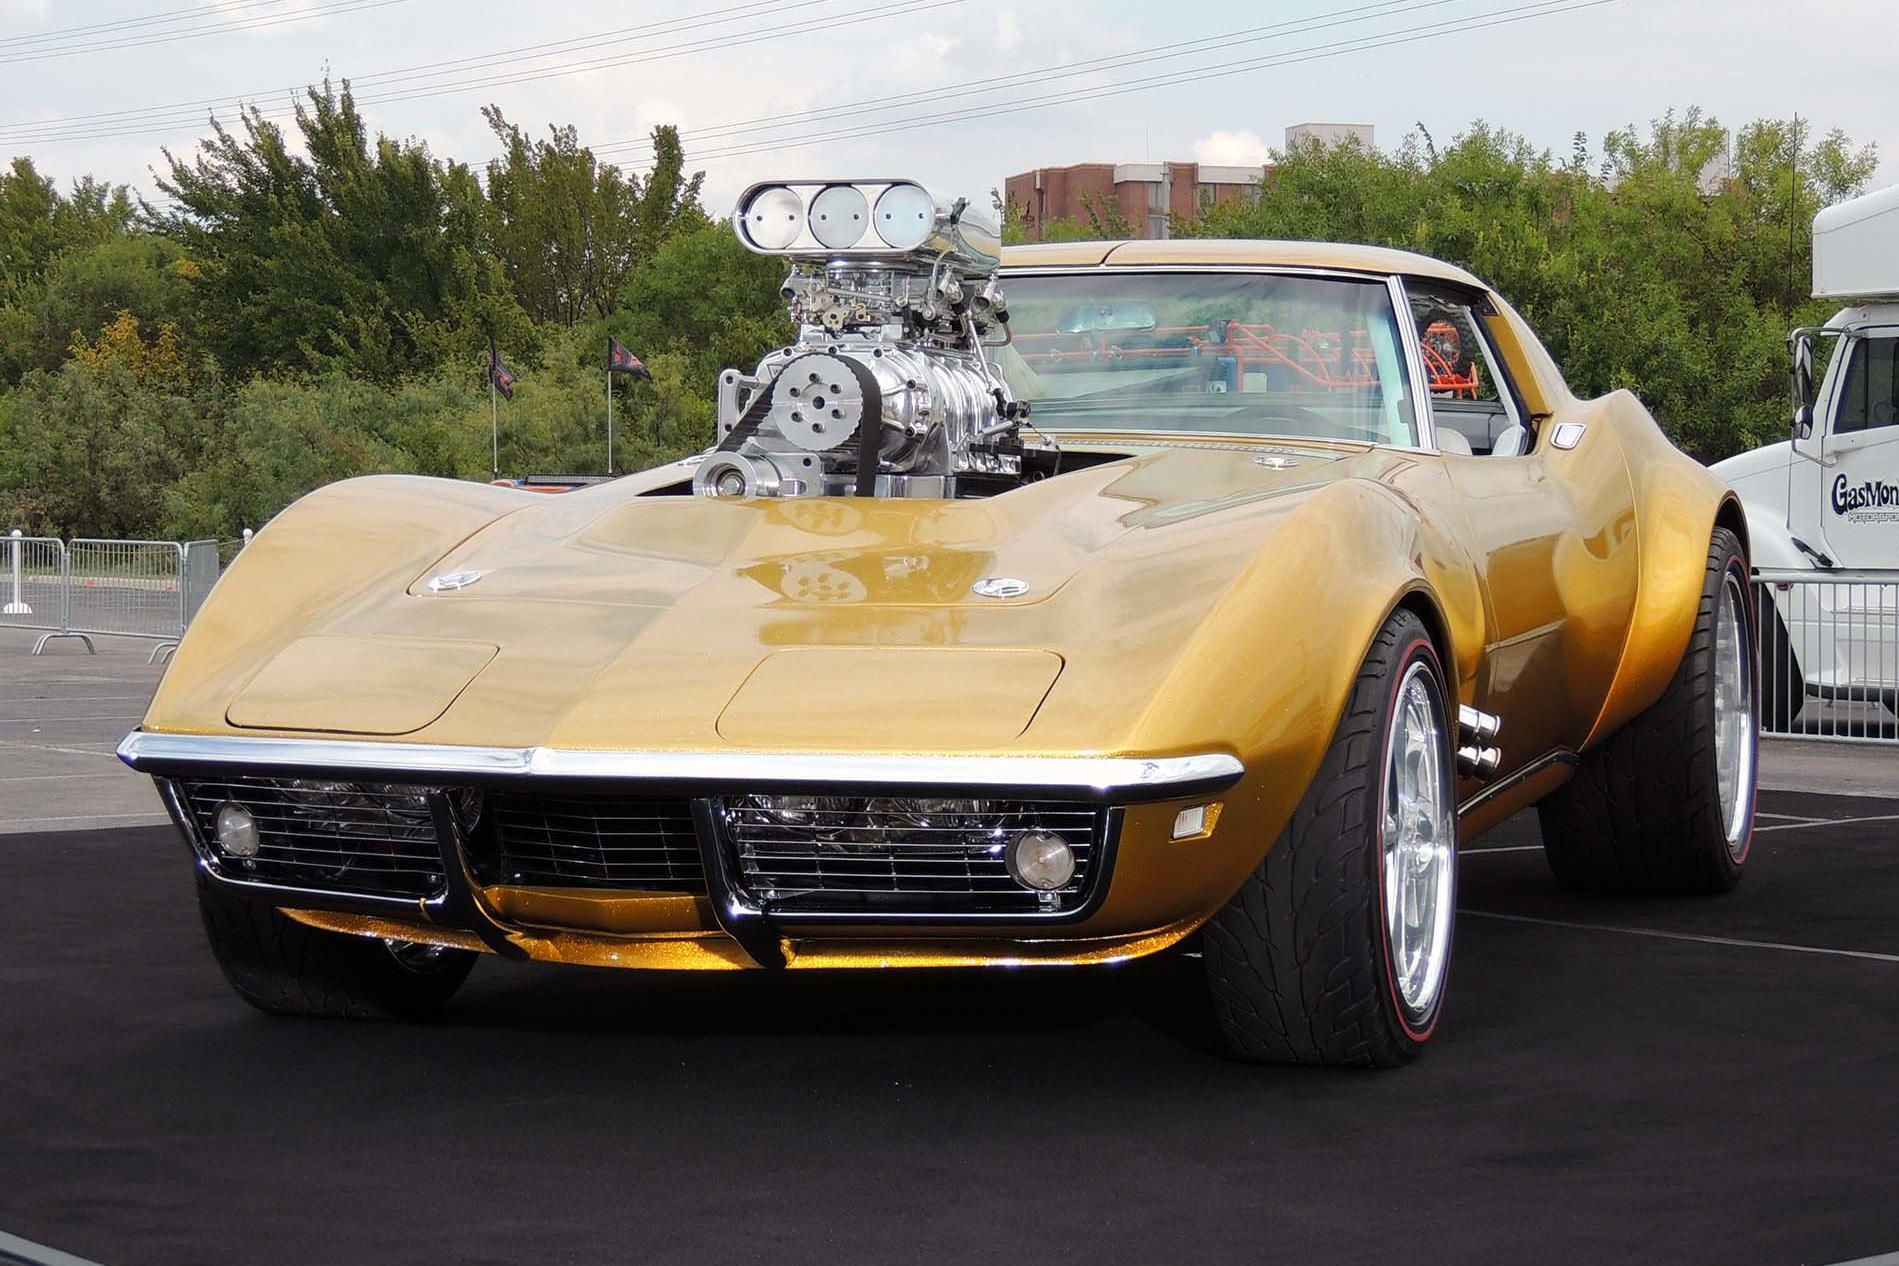 1968 Corvette All New Custom Designed By Gas Monkey